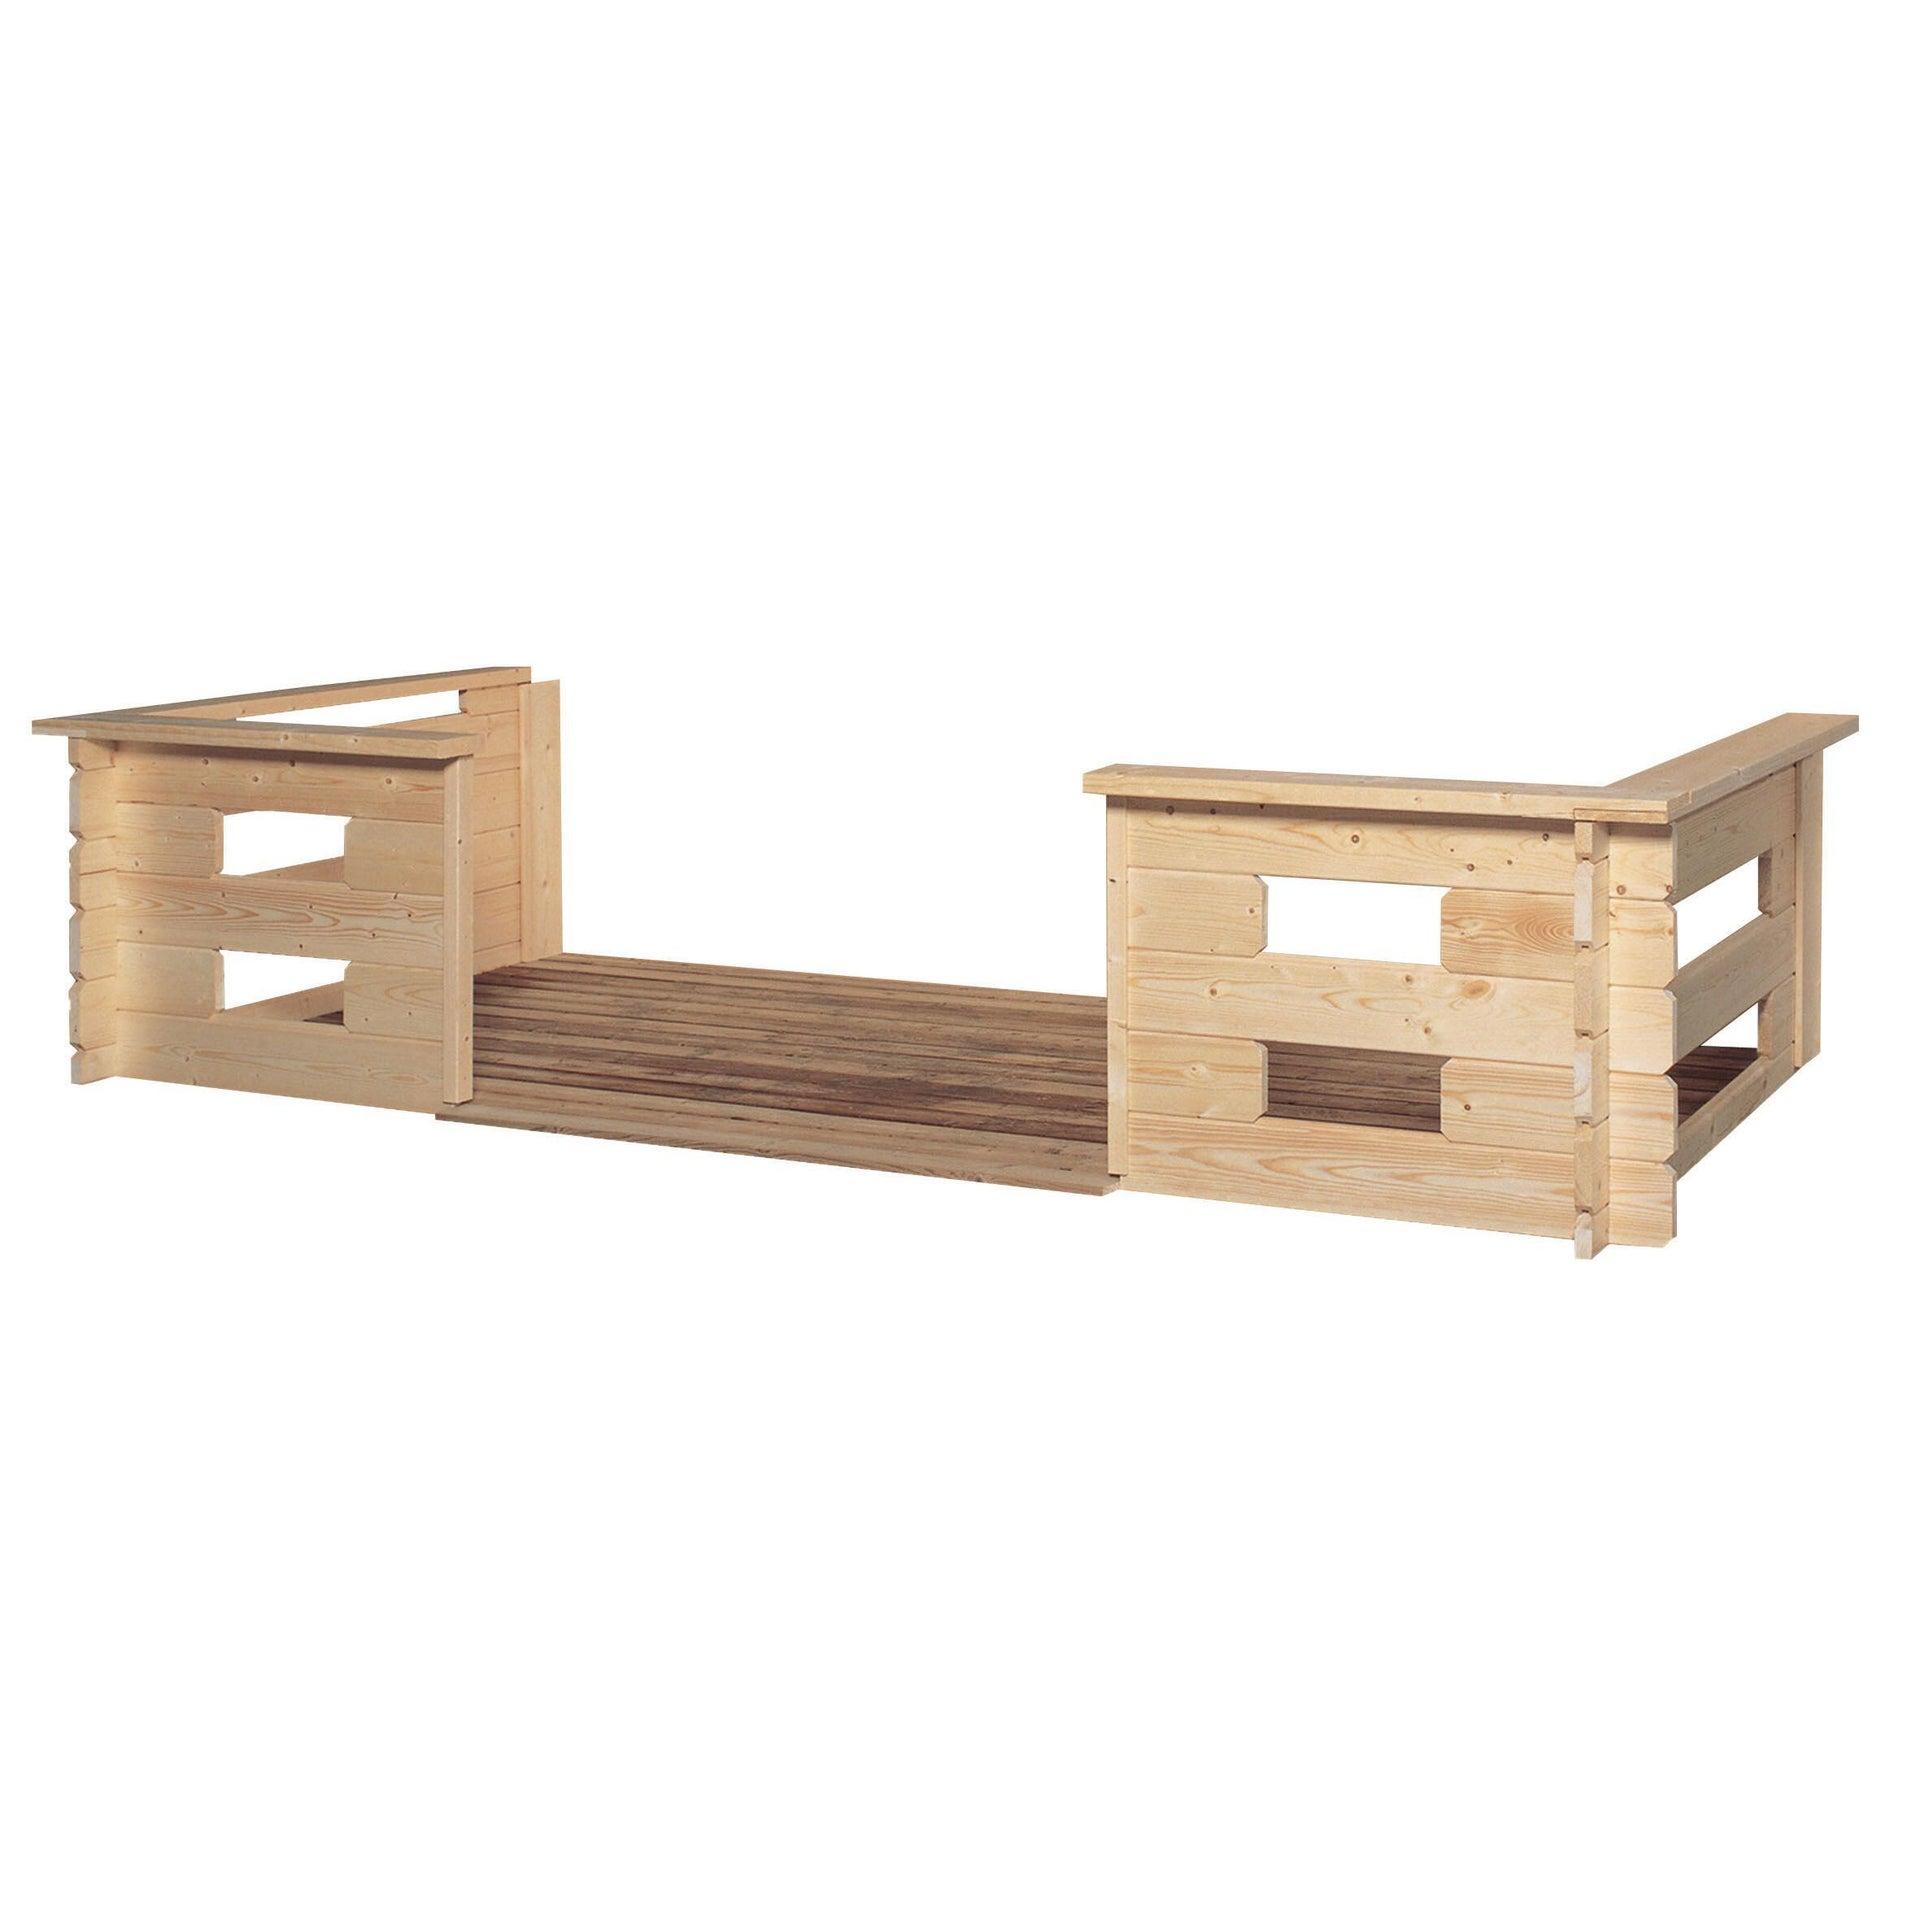 Terrazza in legno L 150 H x 204 P x 320 cm